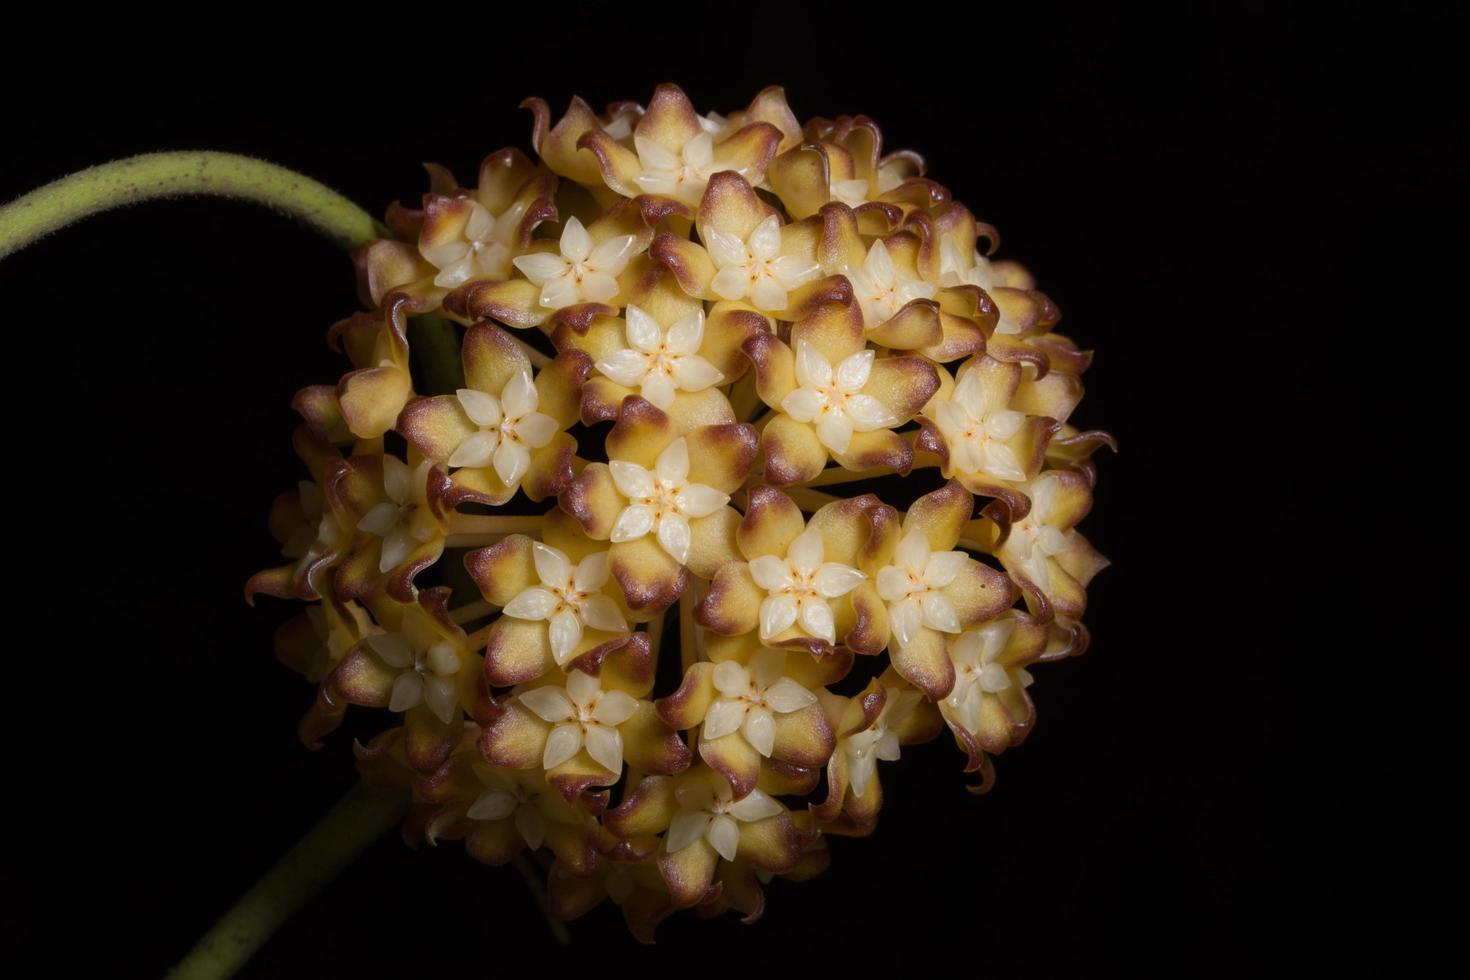 hoya blomma närbild foto